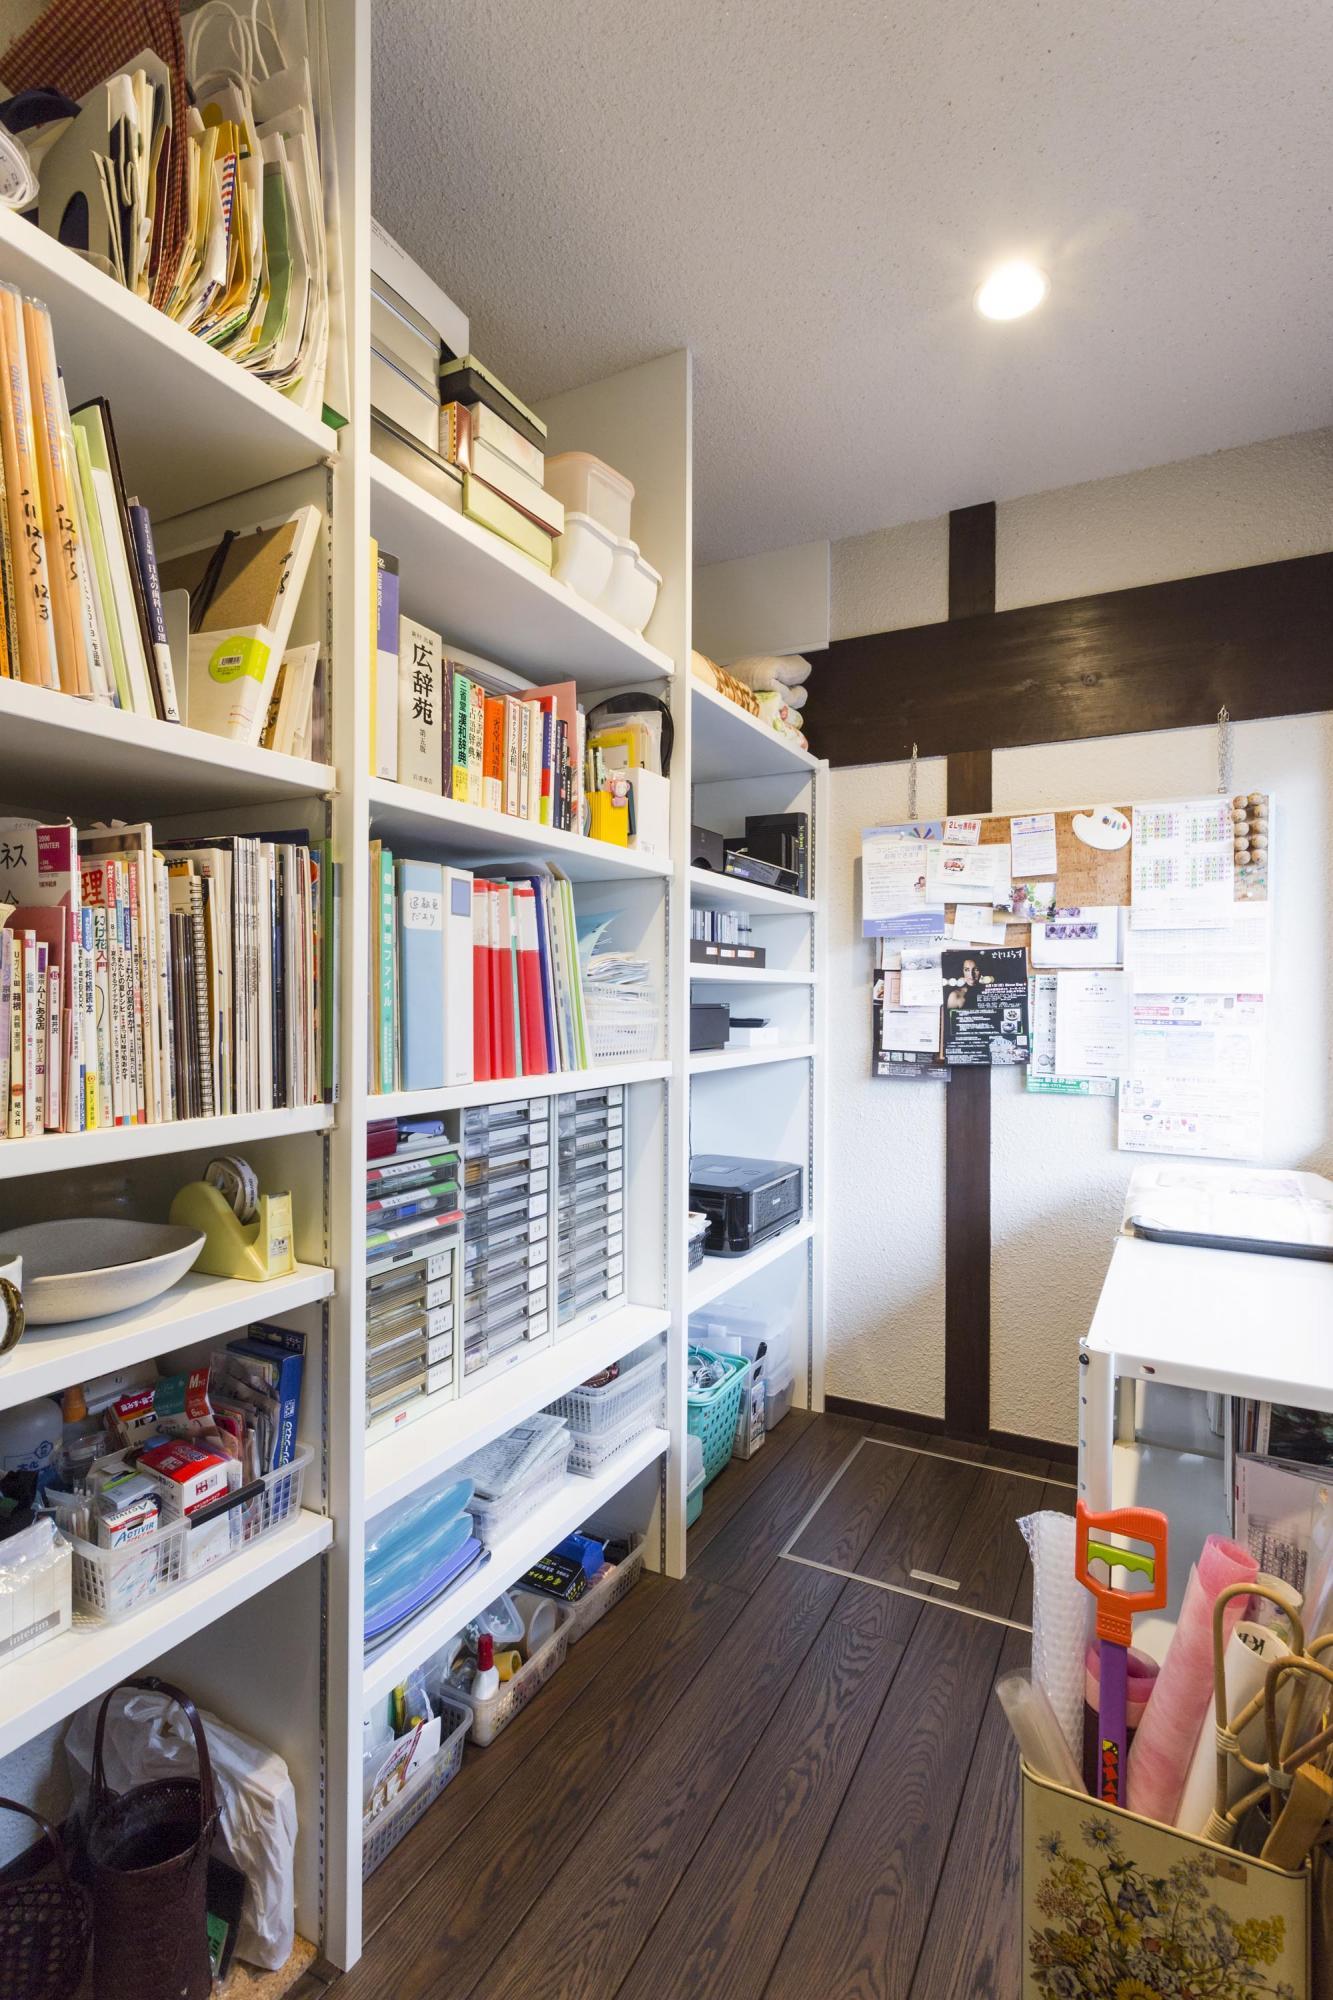 キッチン奥に確保したスペース。床下収納もある。奥さまのワークスペースとしても活躍している。オーディオデッキもここに収め、ワイヤレスでリビングと接続したことで、すっきりしたリビングで音楽を楽しめるようになった。